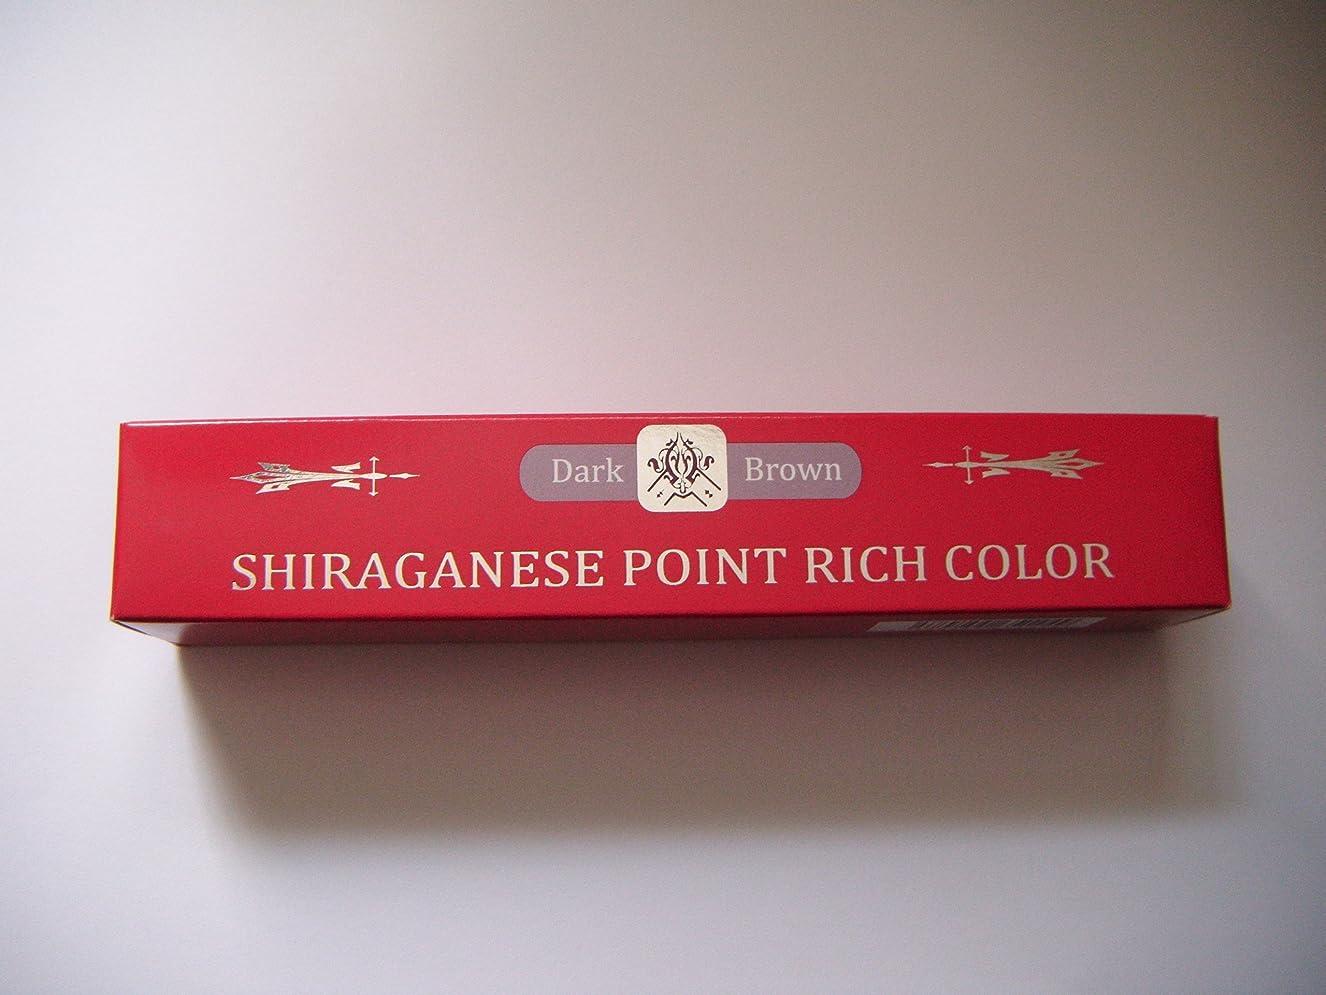 ゴミ箱電気作るシラガネーゼ ポイントリッチカラー ダークブラウン